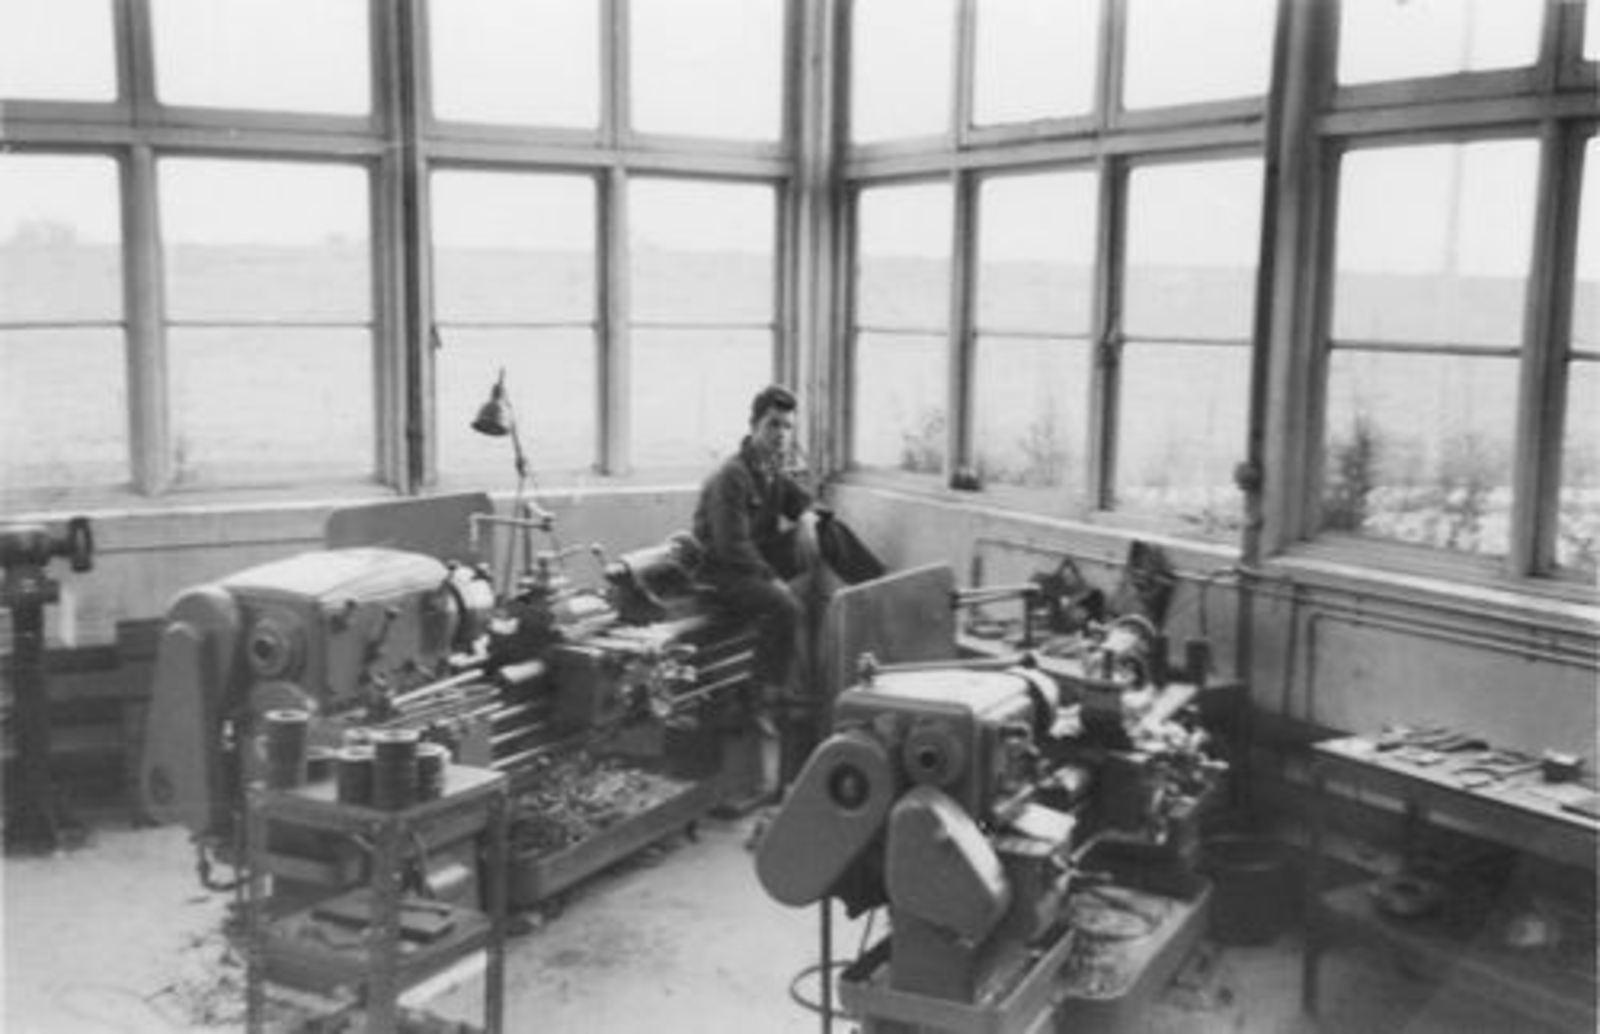 Koolbergen Aad 1941 1957± op Bedrijfsschool KLM 04